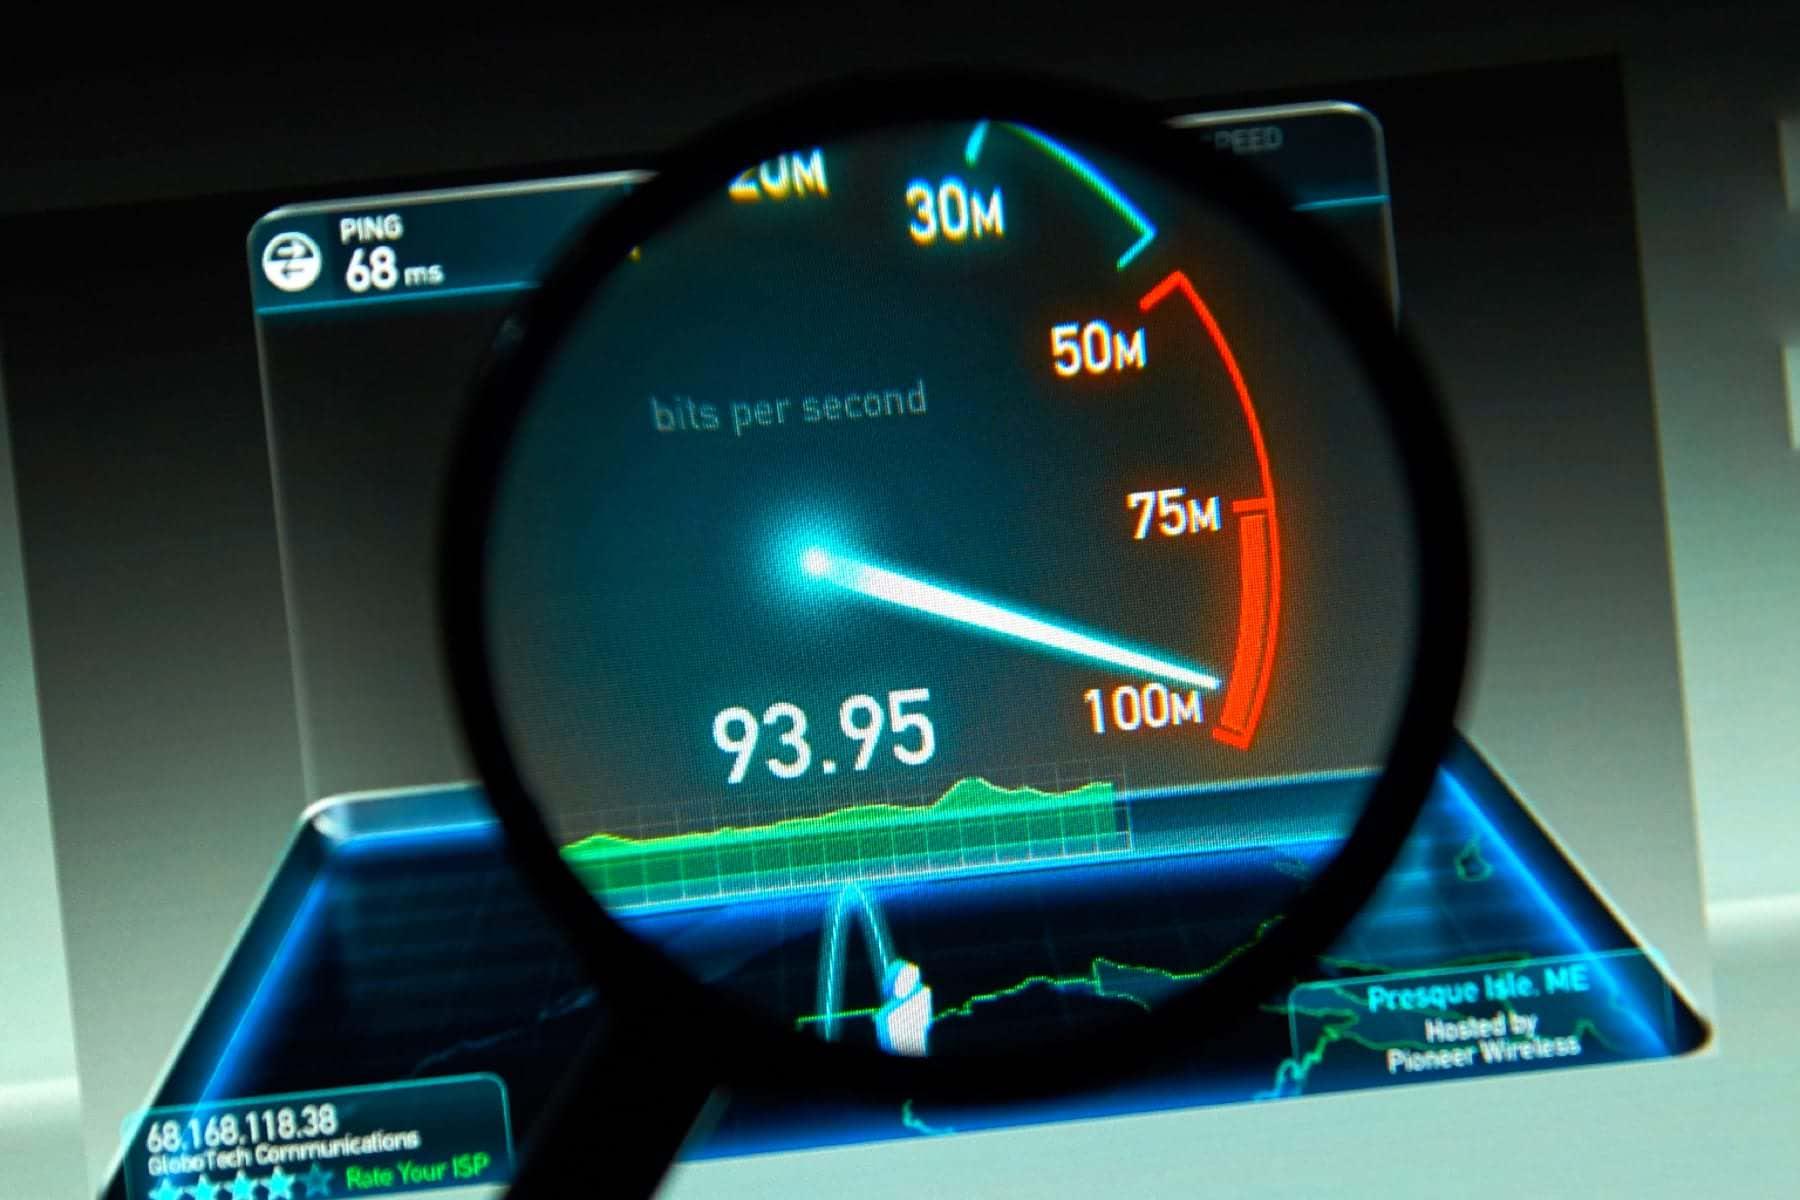 В России выявили оператора с самым быстрым мобильным интернетом